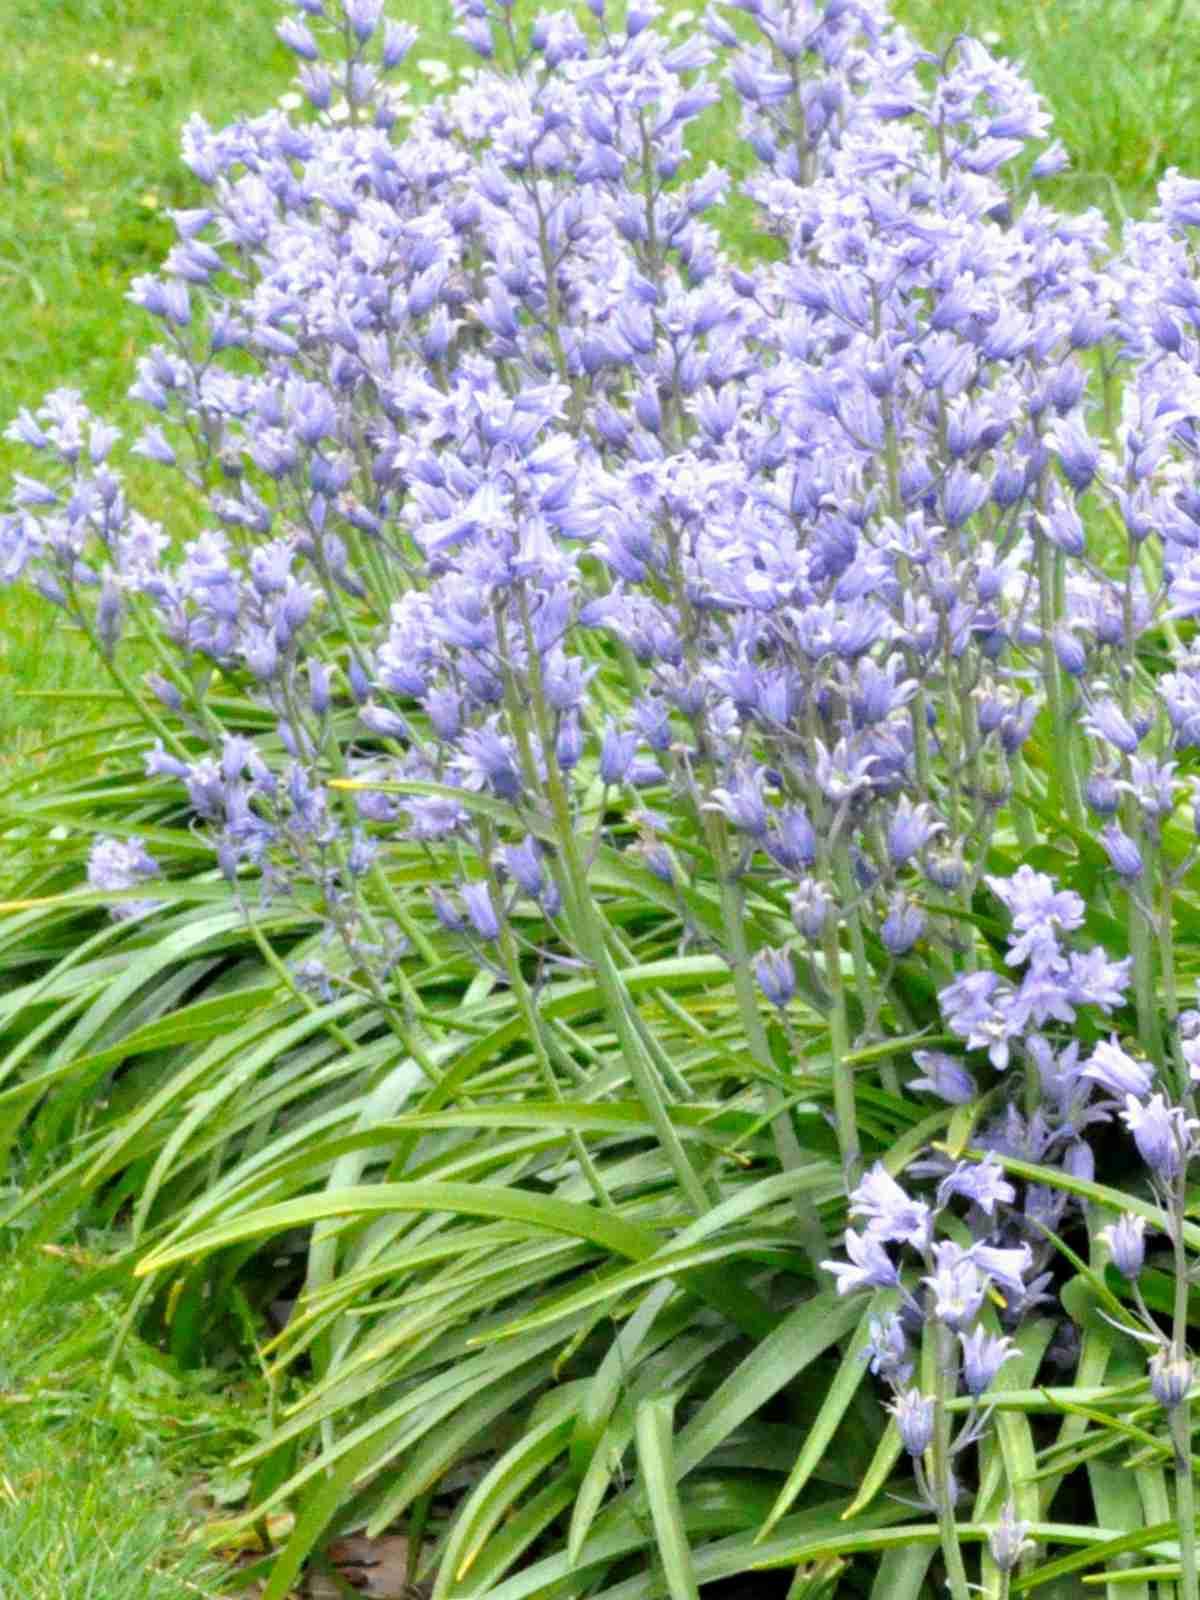 Bluebell clump as an edge near a lawn